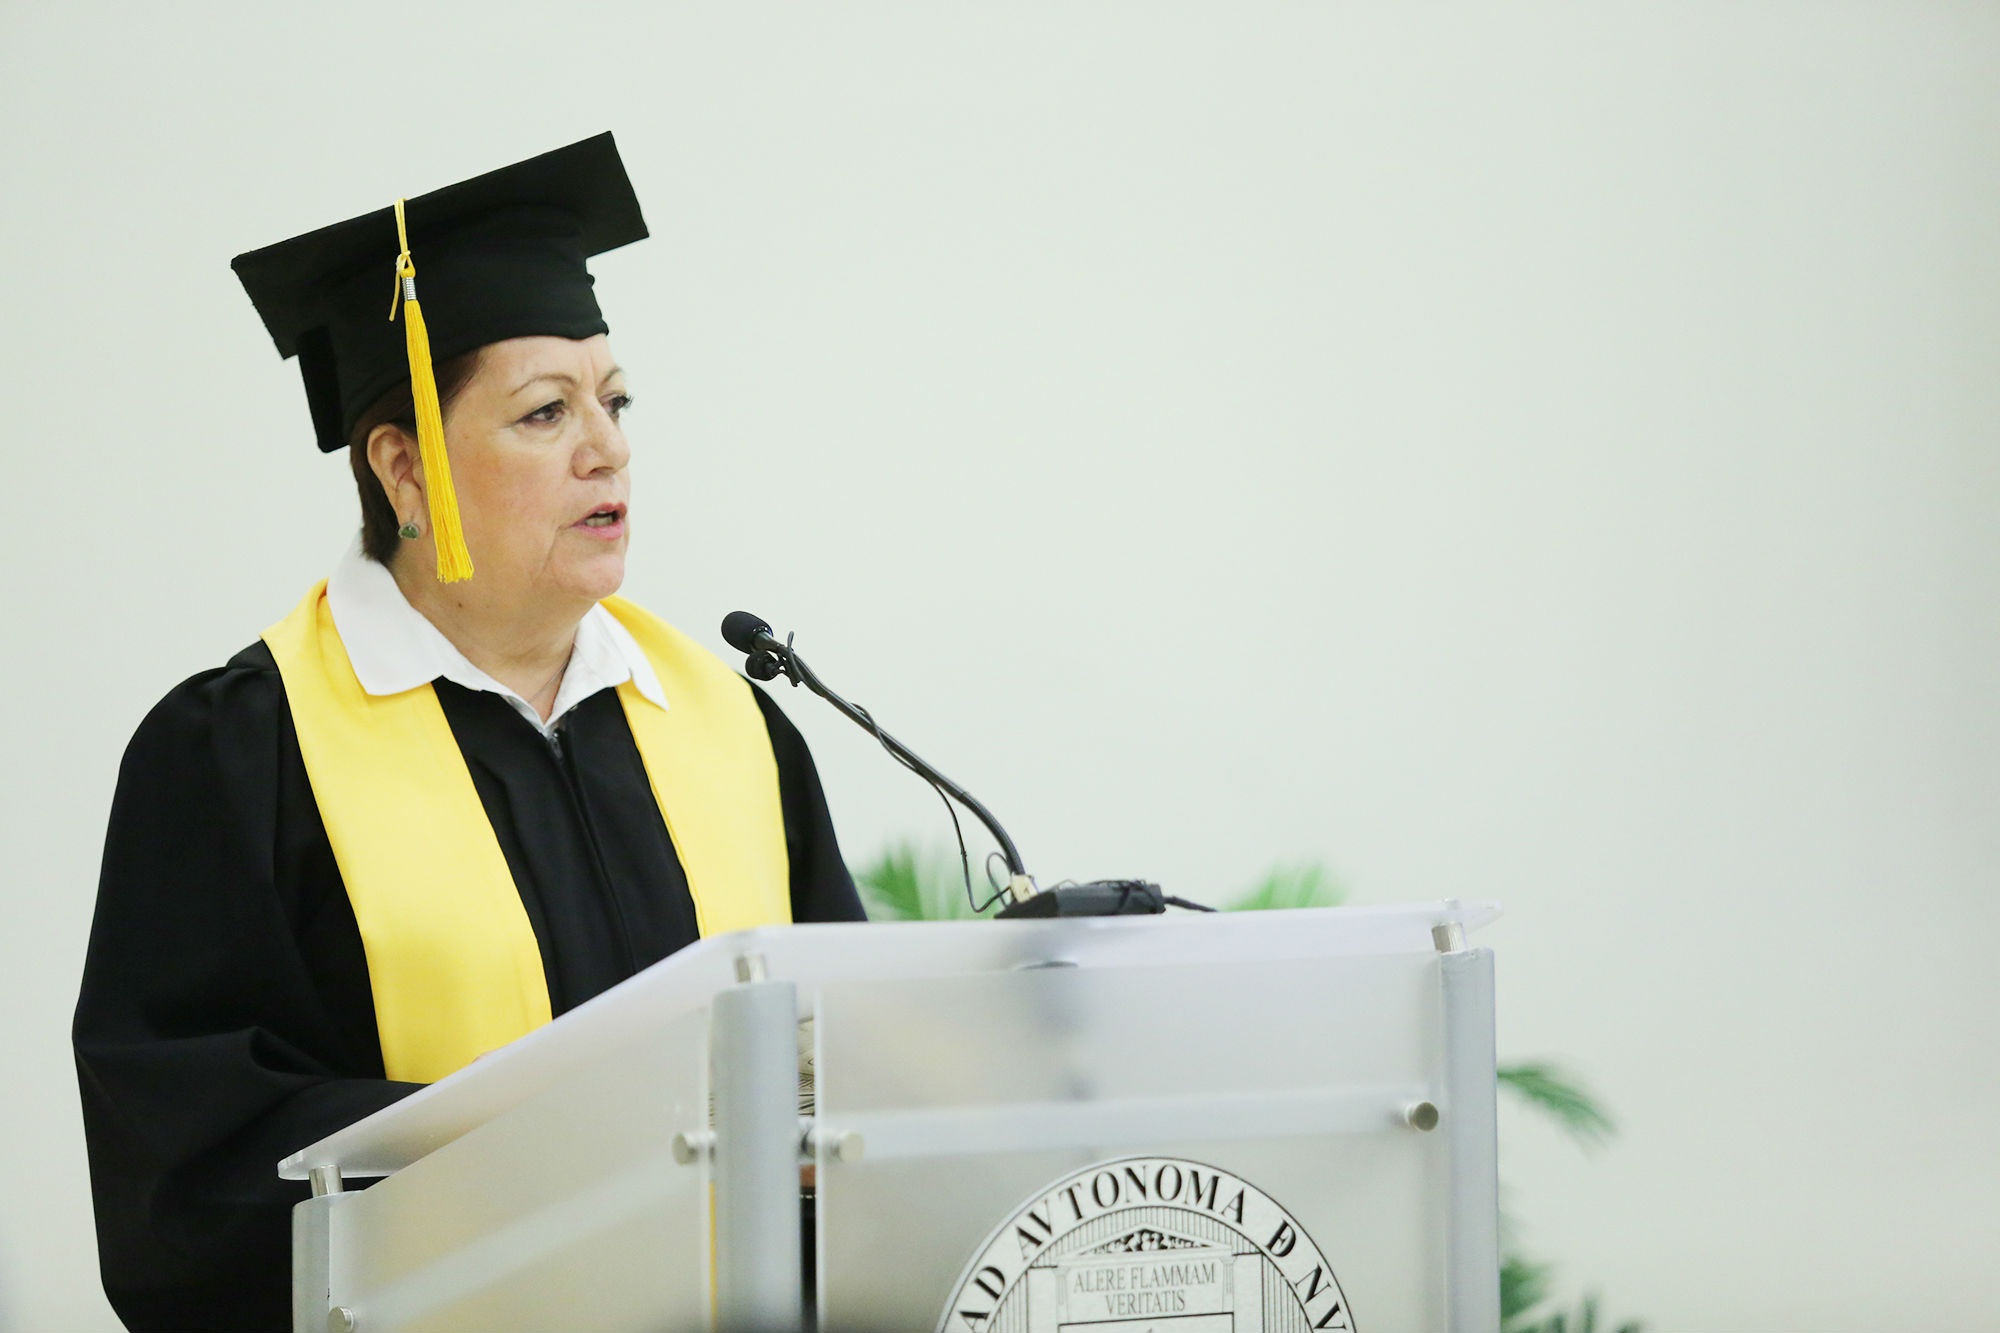 Discurso a nombre de los graduados